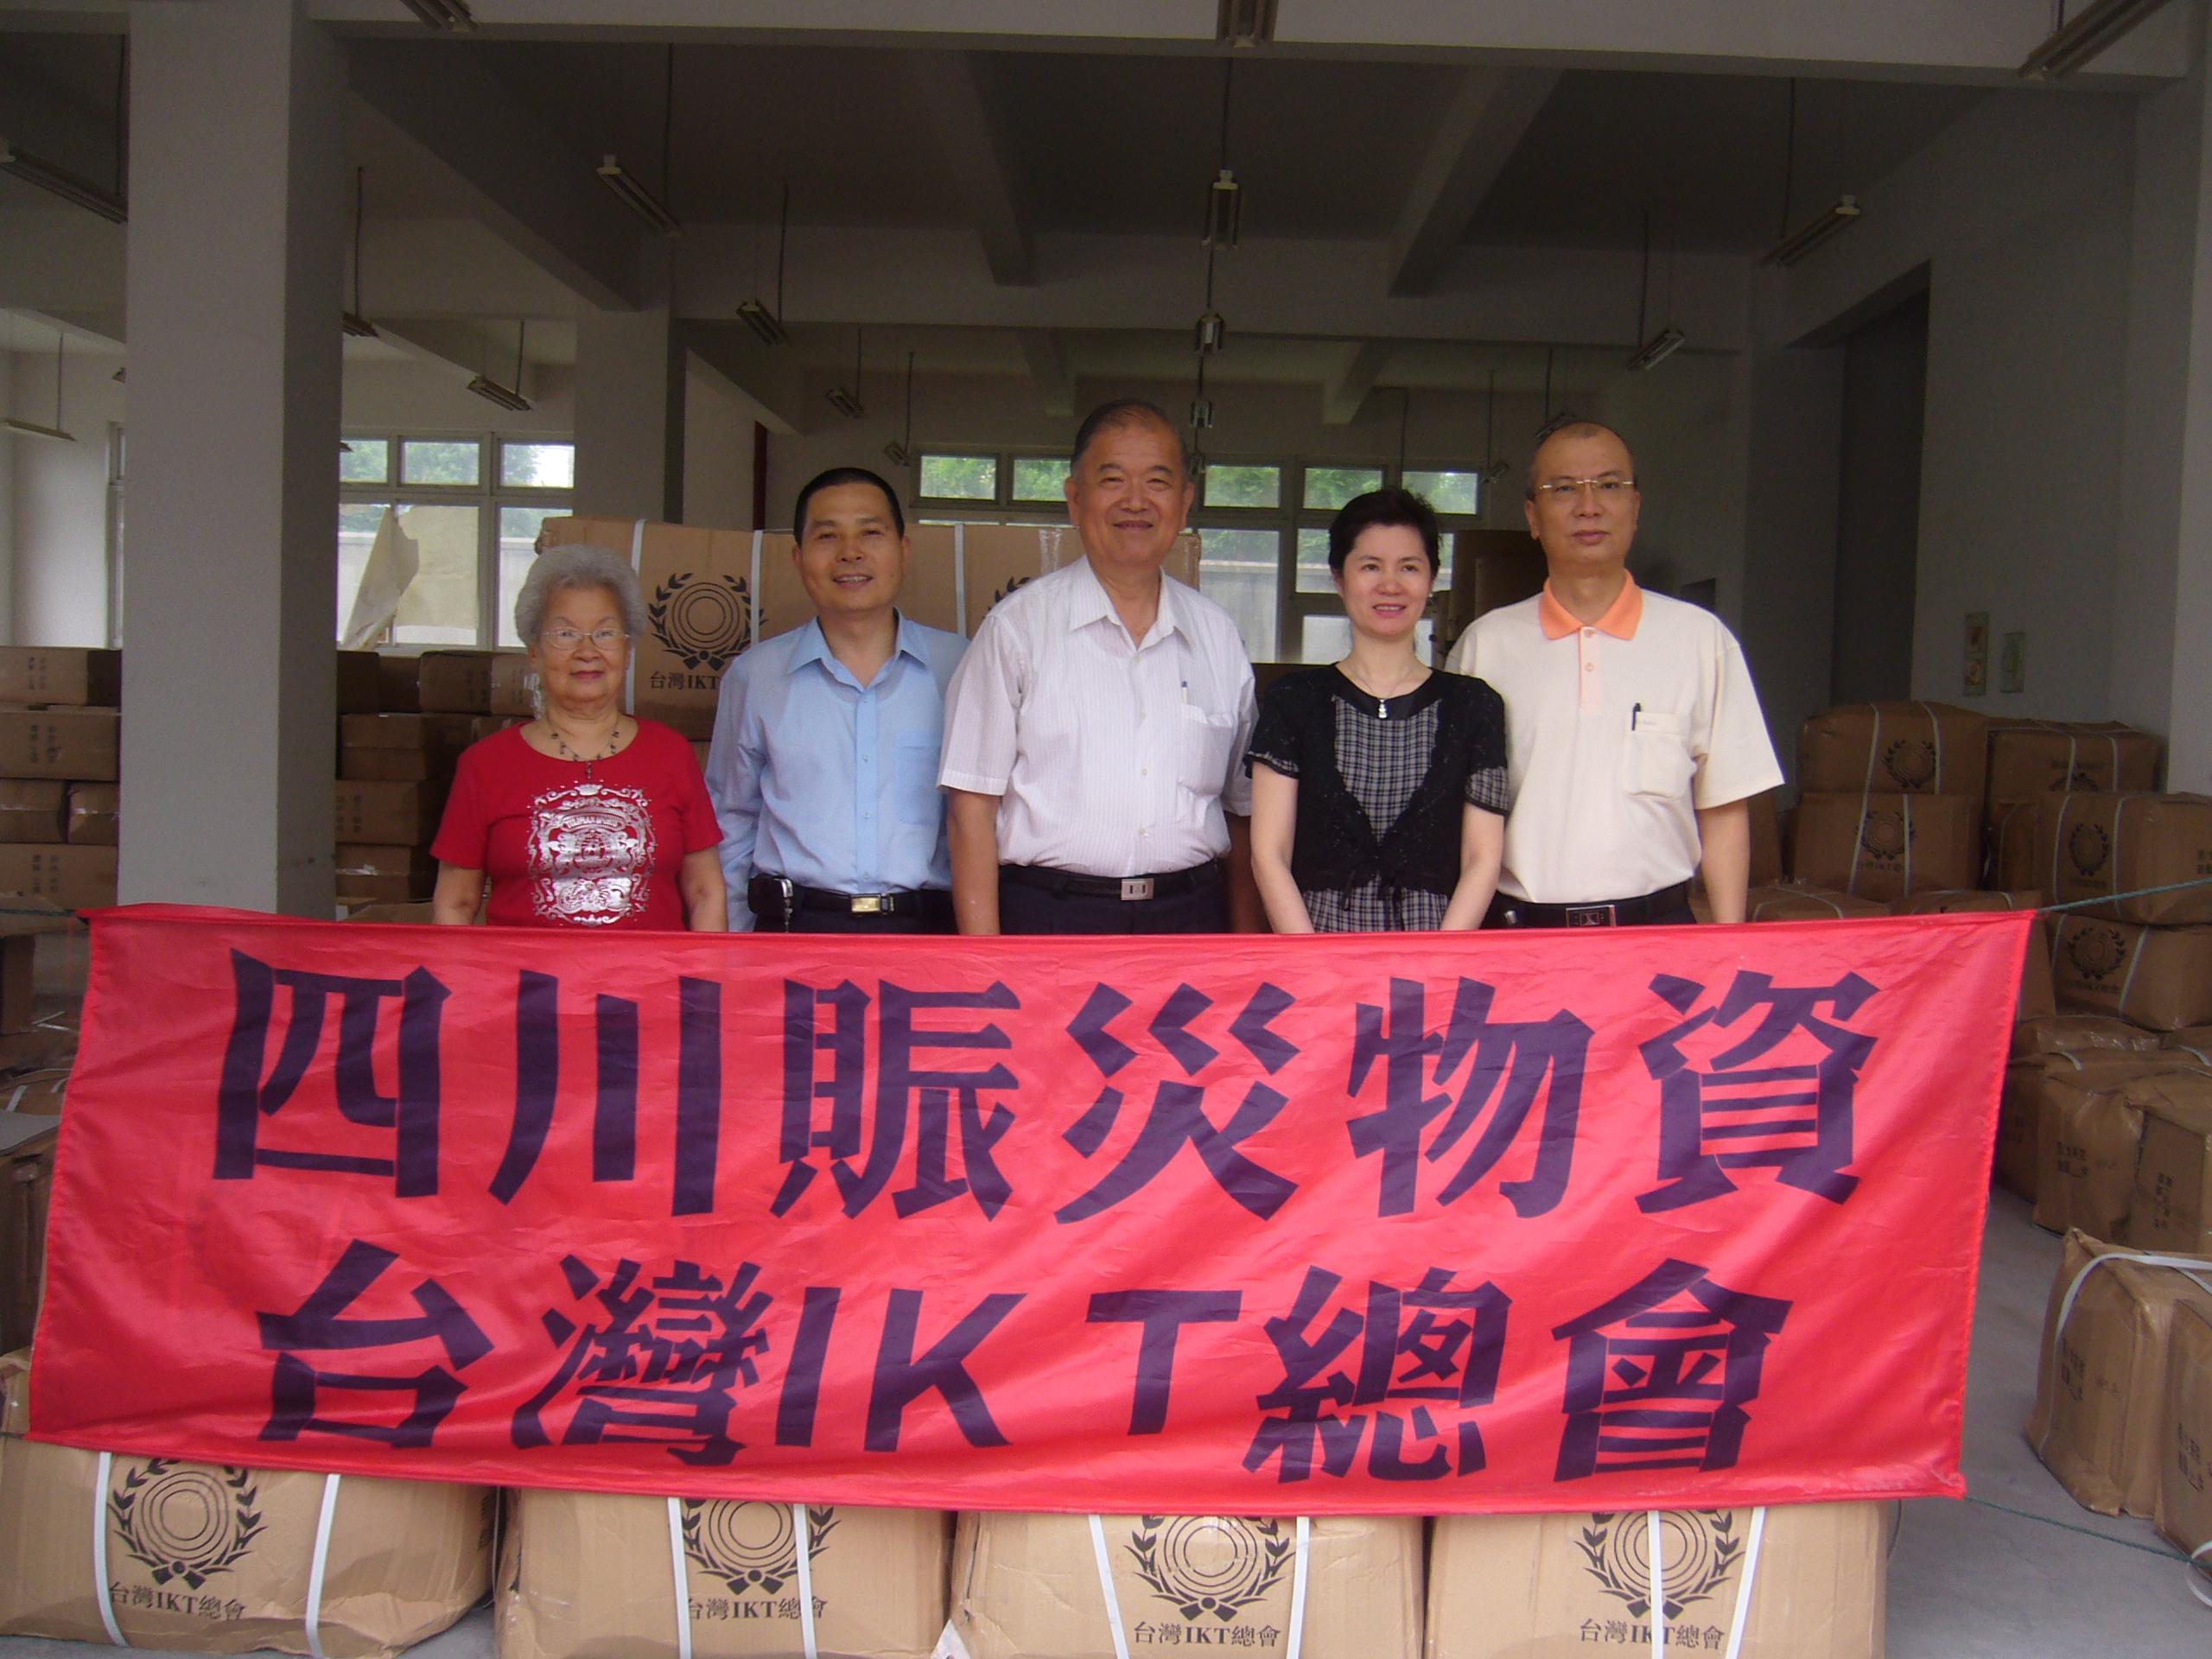 汶川大地震賑災物資 2008.05.12